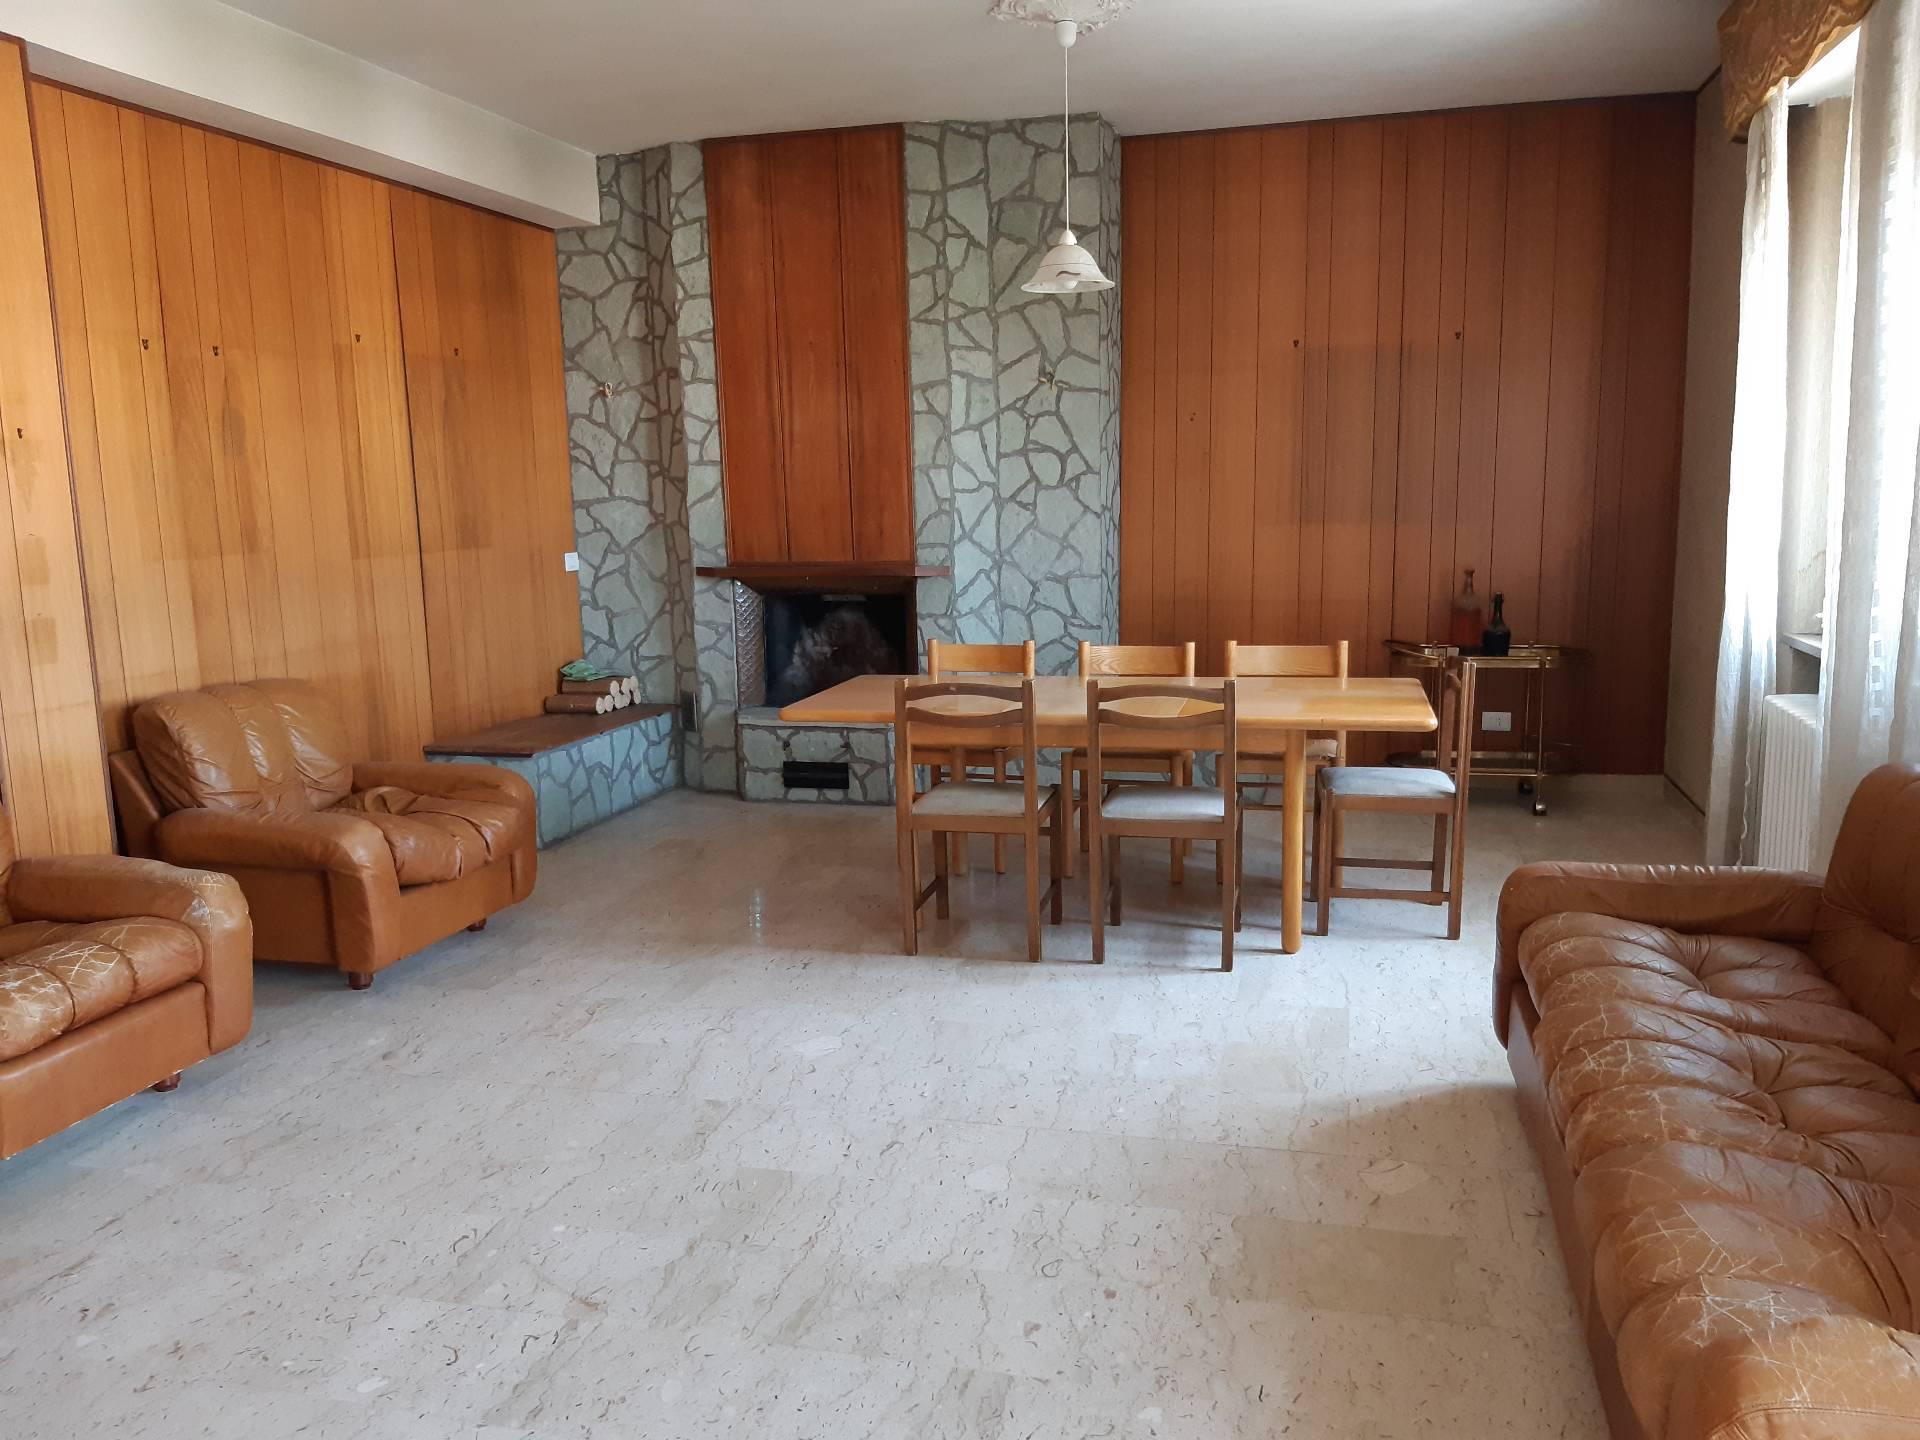 Attico / Mansarda in vendita a Macerata, 5 locali, zona centrale, prezzo € 169.000 | PortaleAgenzieImmobiliari.it